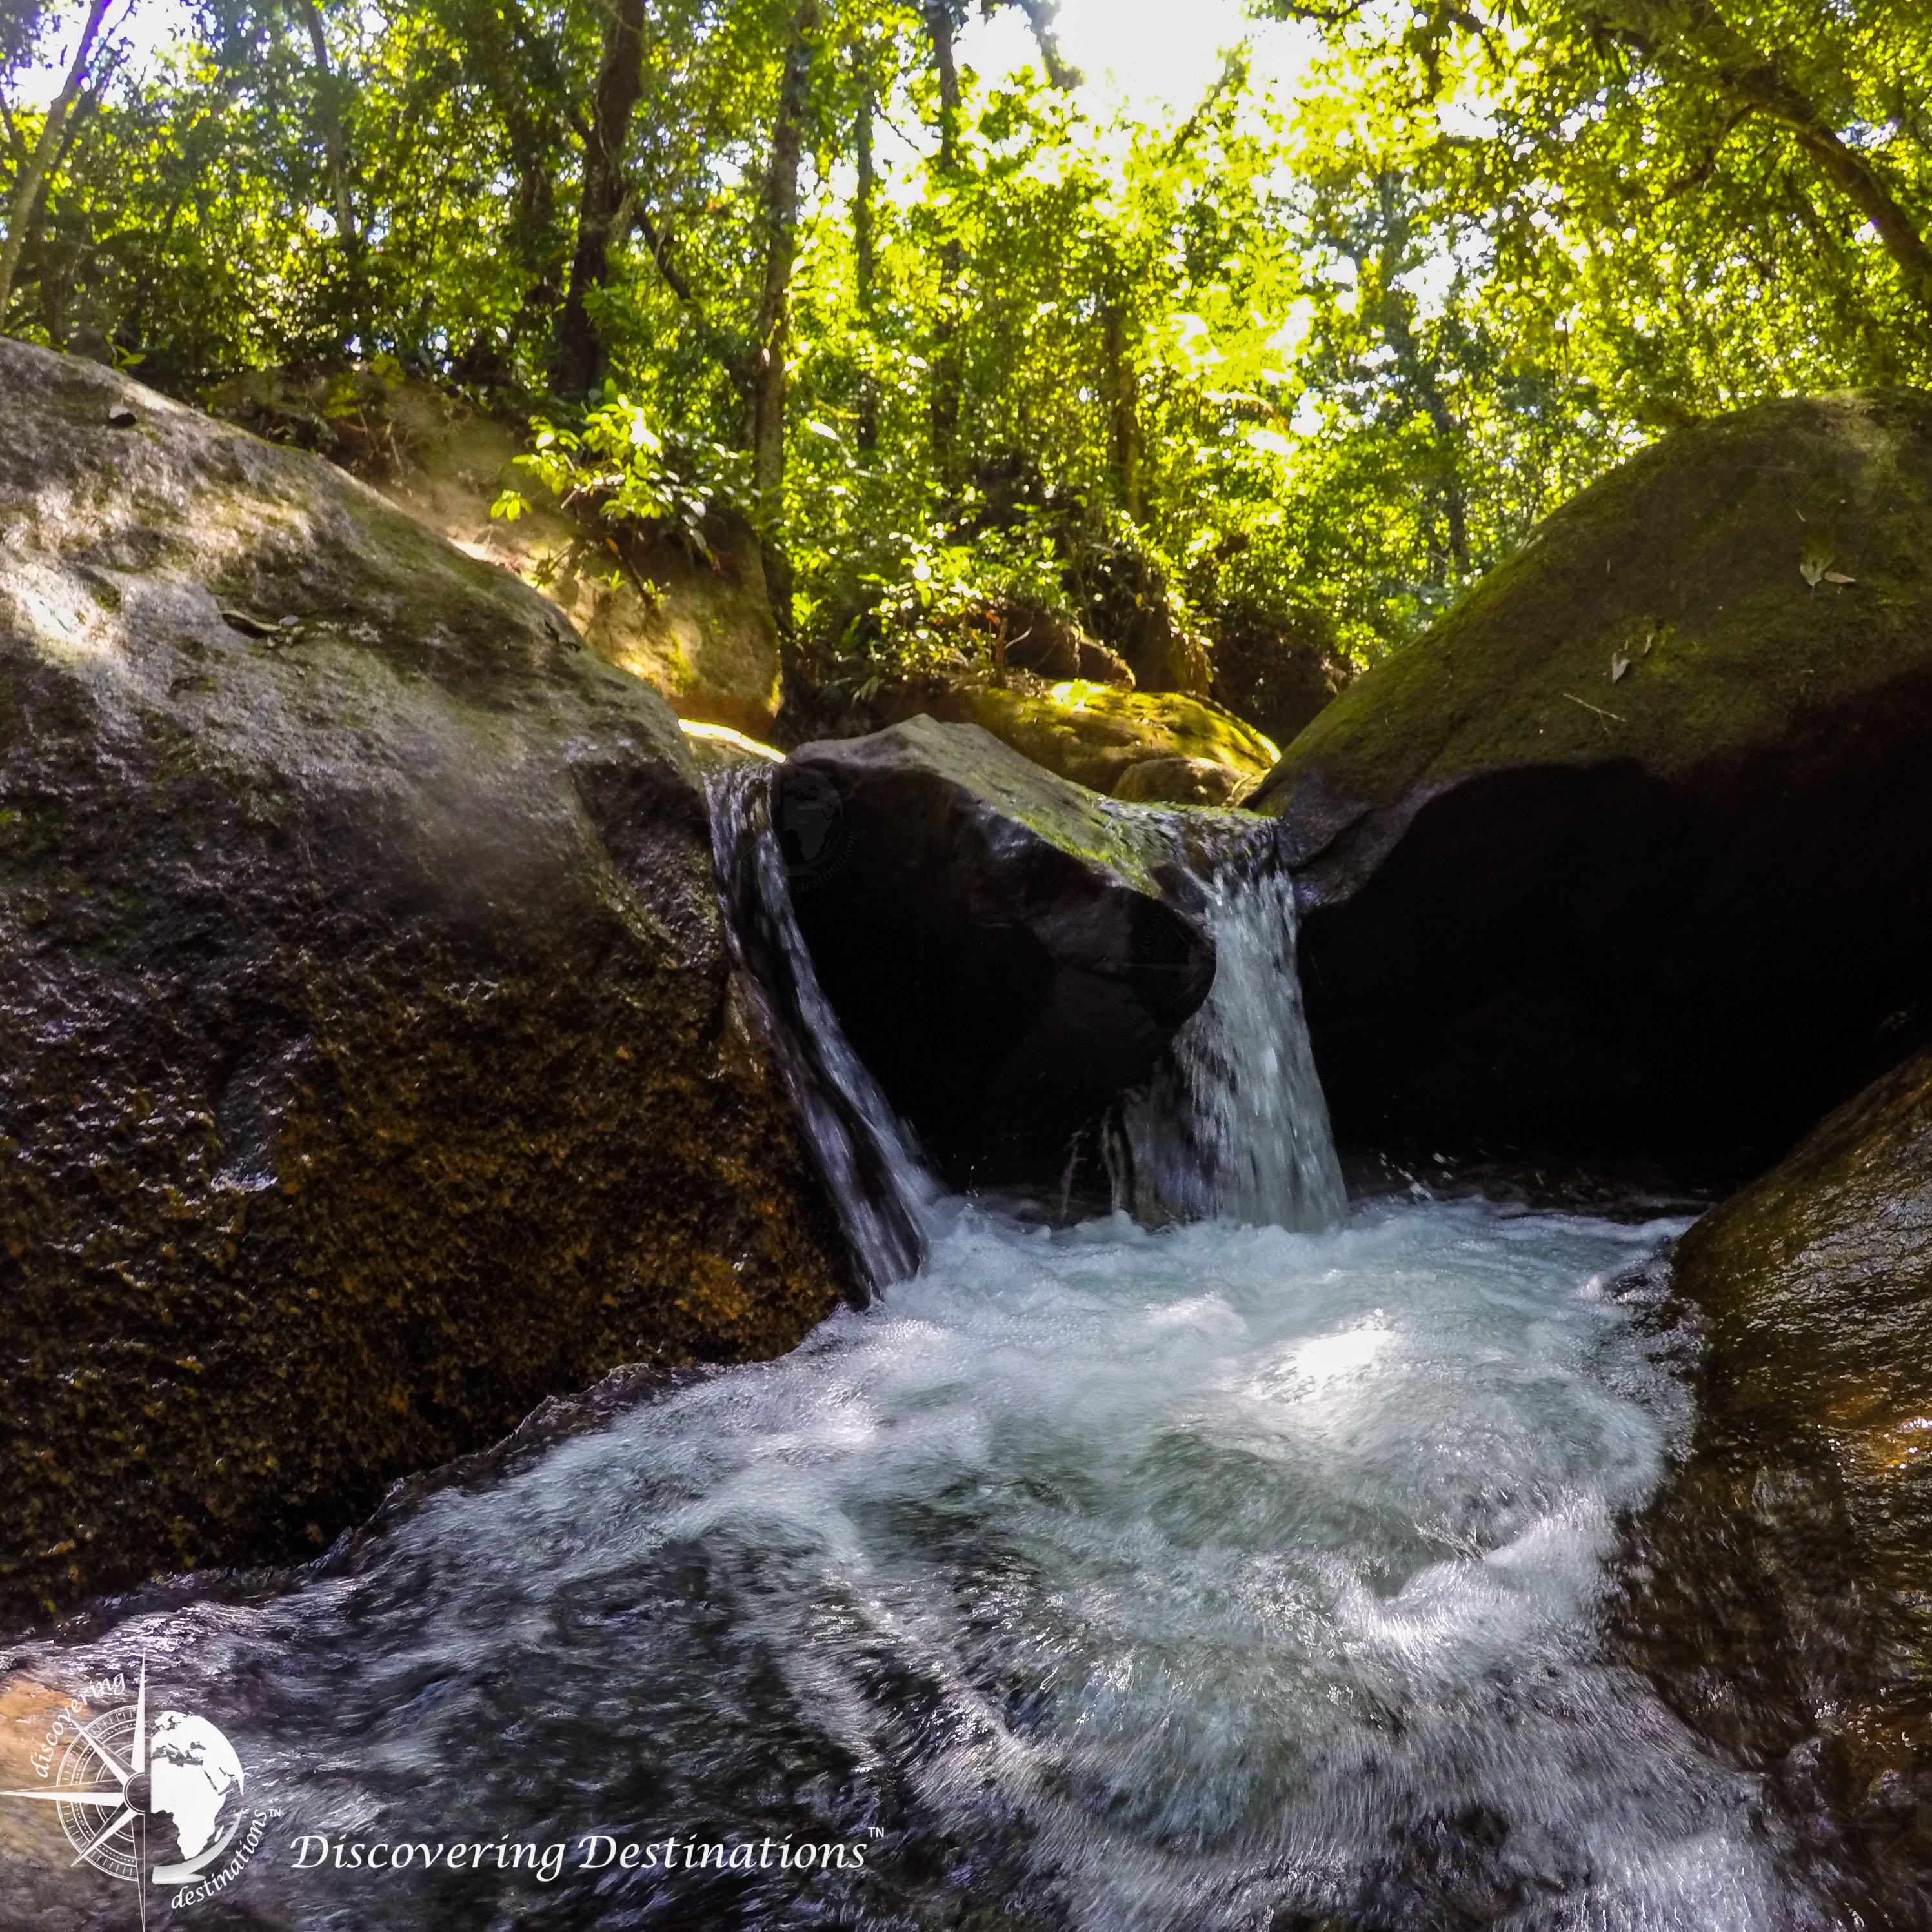 Brazil: Discovering Rio Silveiras, Boraceia SP